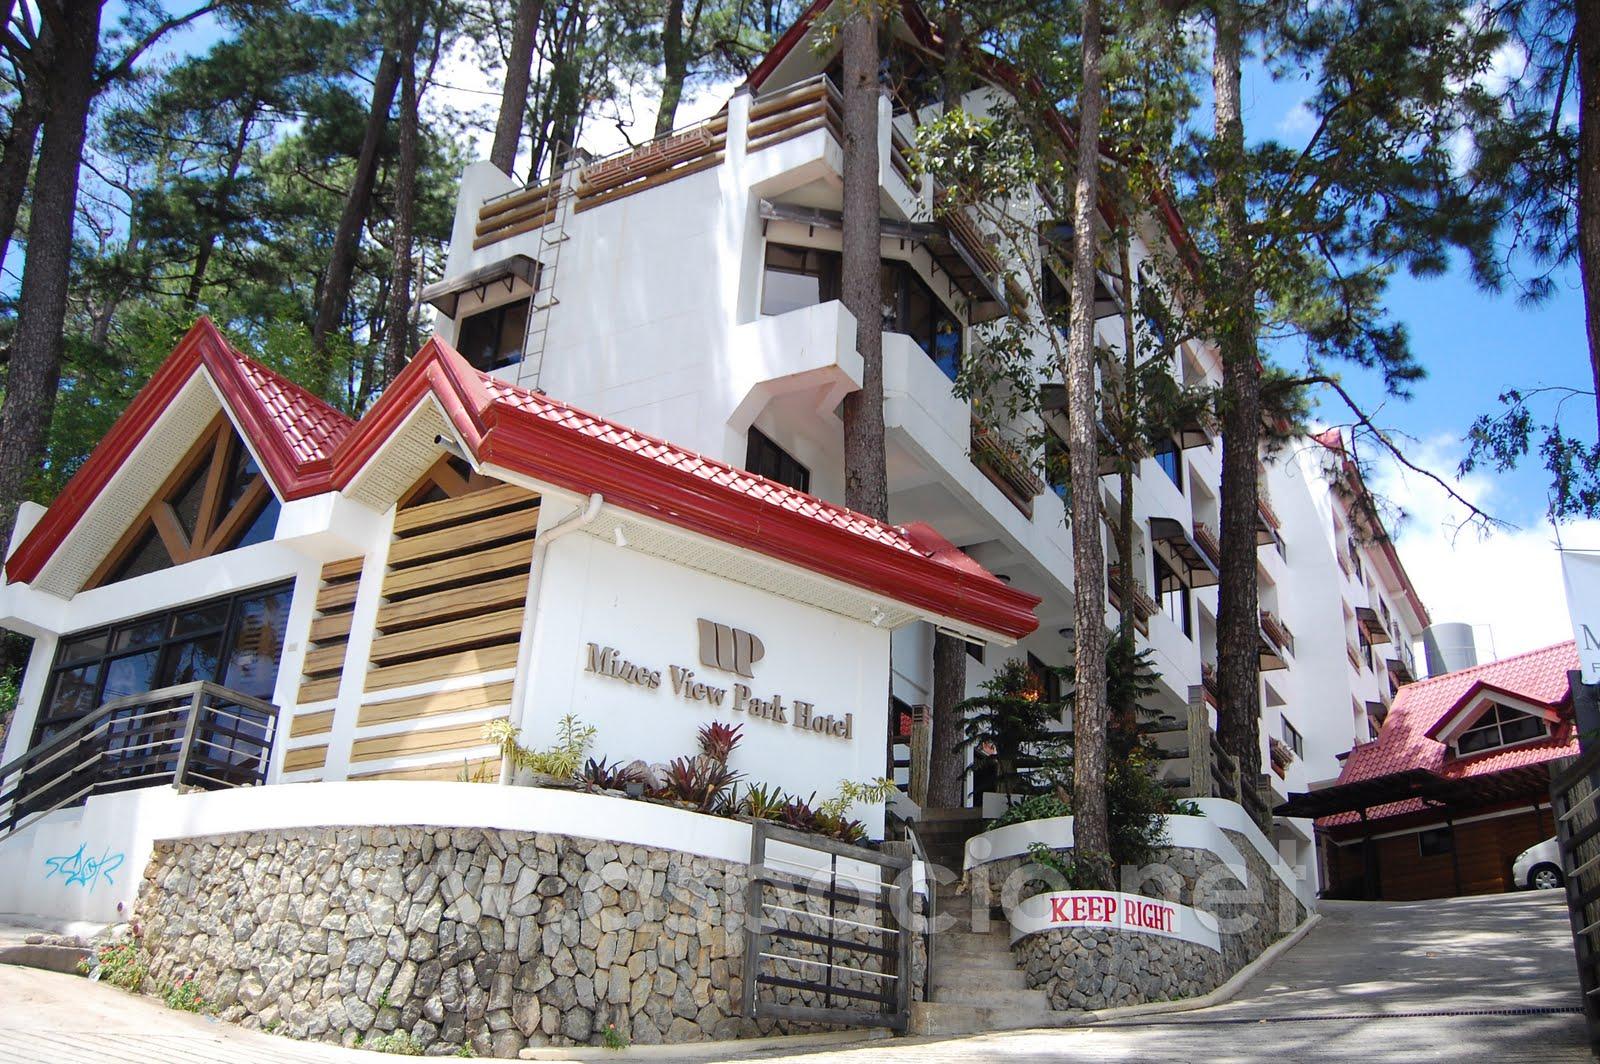 Mines View Park Hotel Restaurant